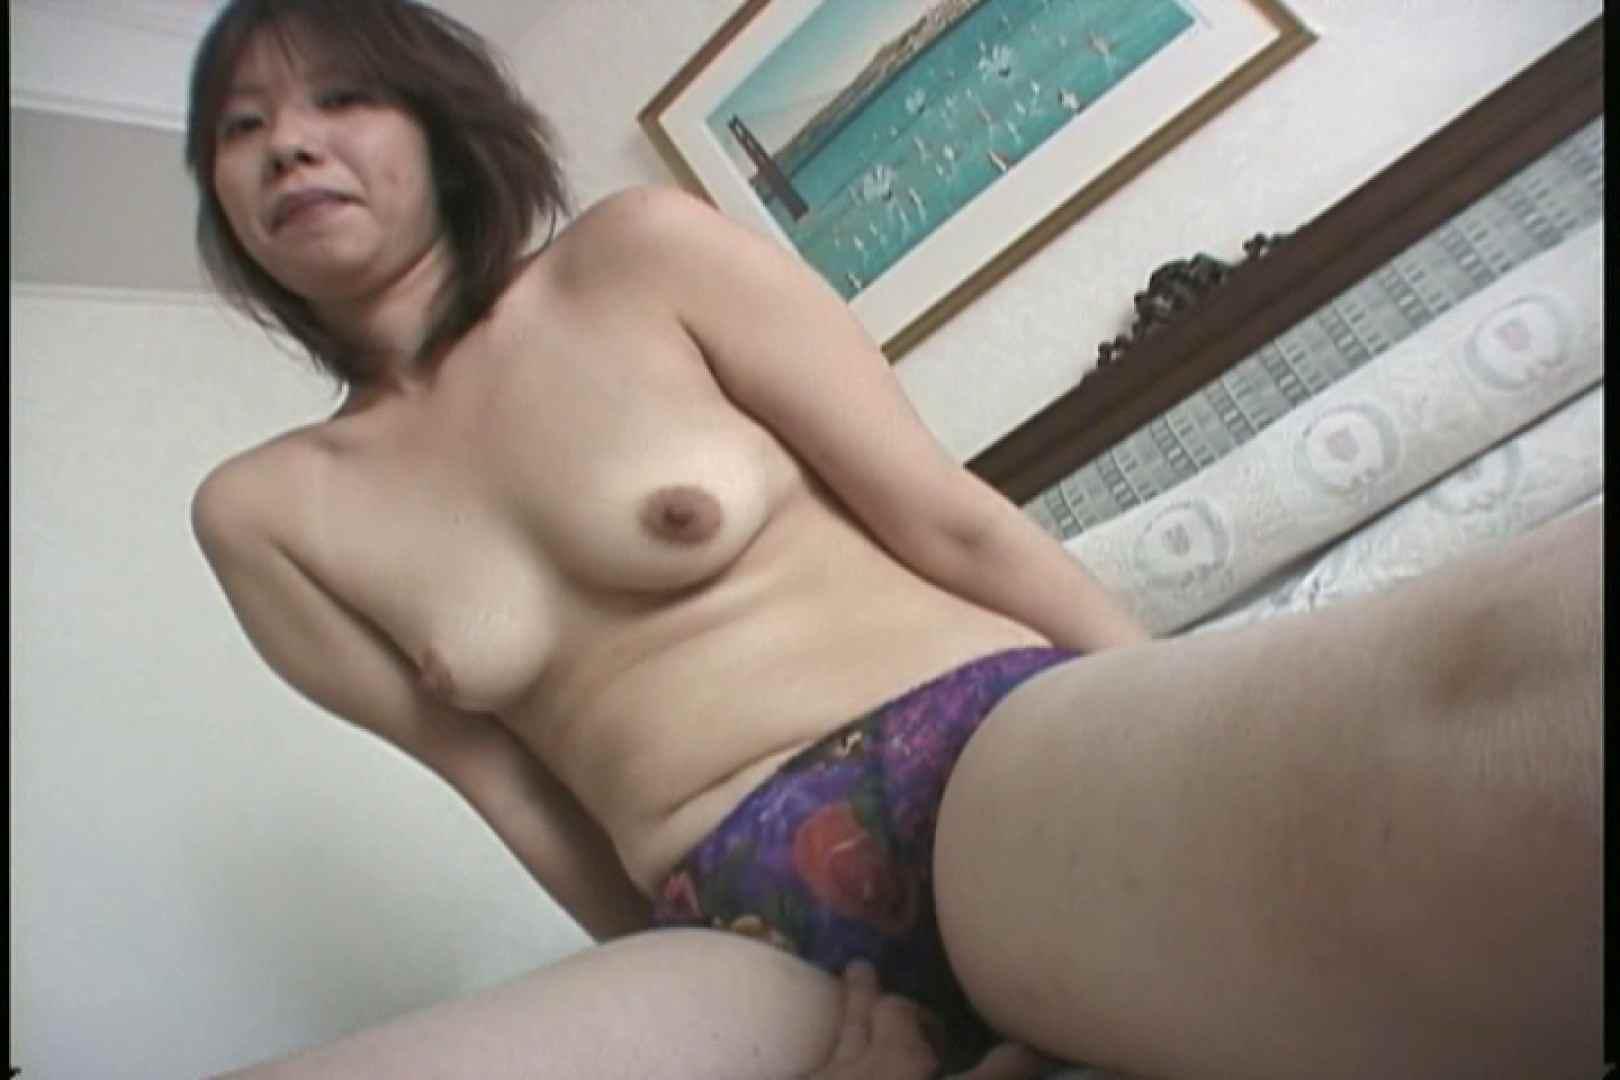 初めてのビデオ撮影に緊張する素人OLとセックス~武田じゅん~ 素人 | ギャル達のセックス  82画像 57